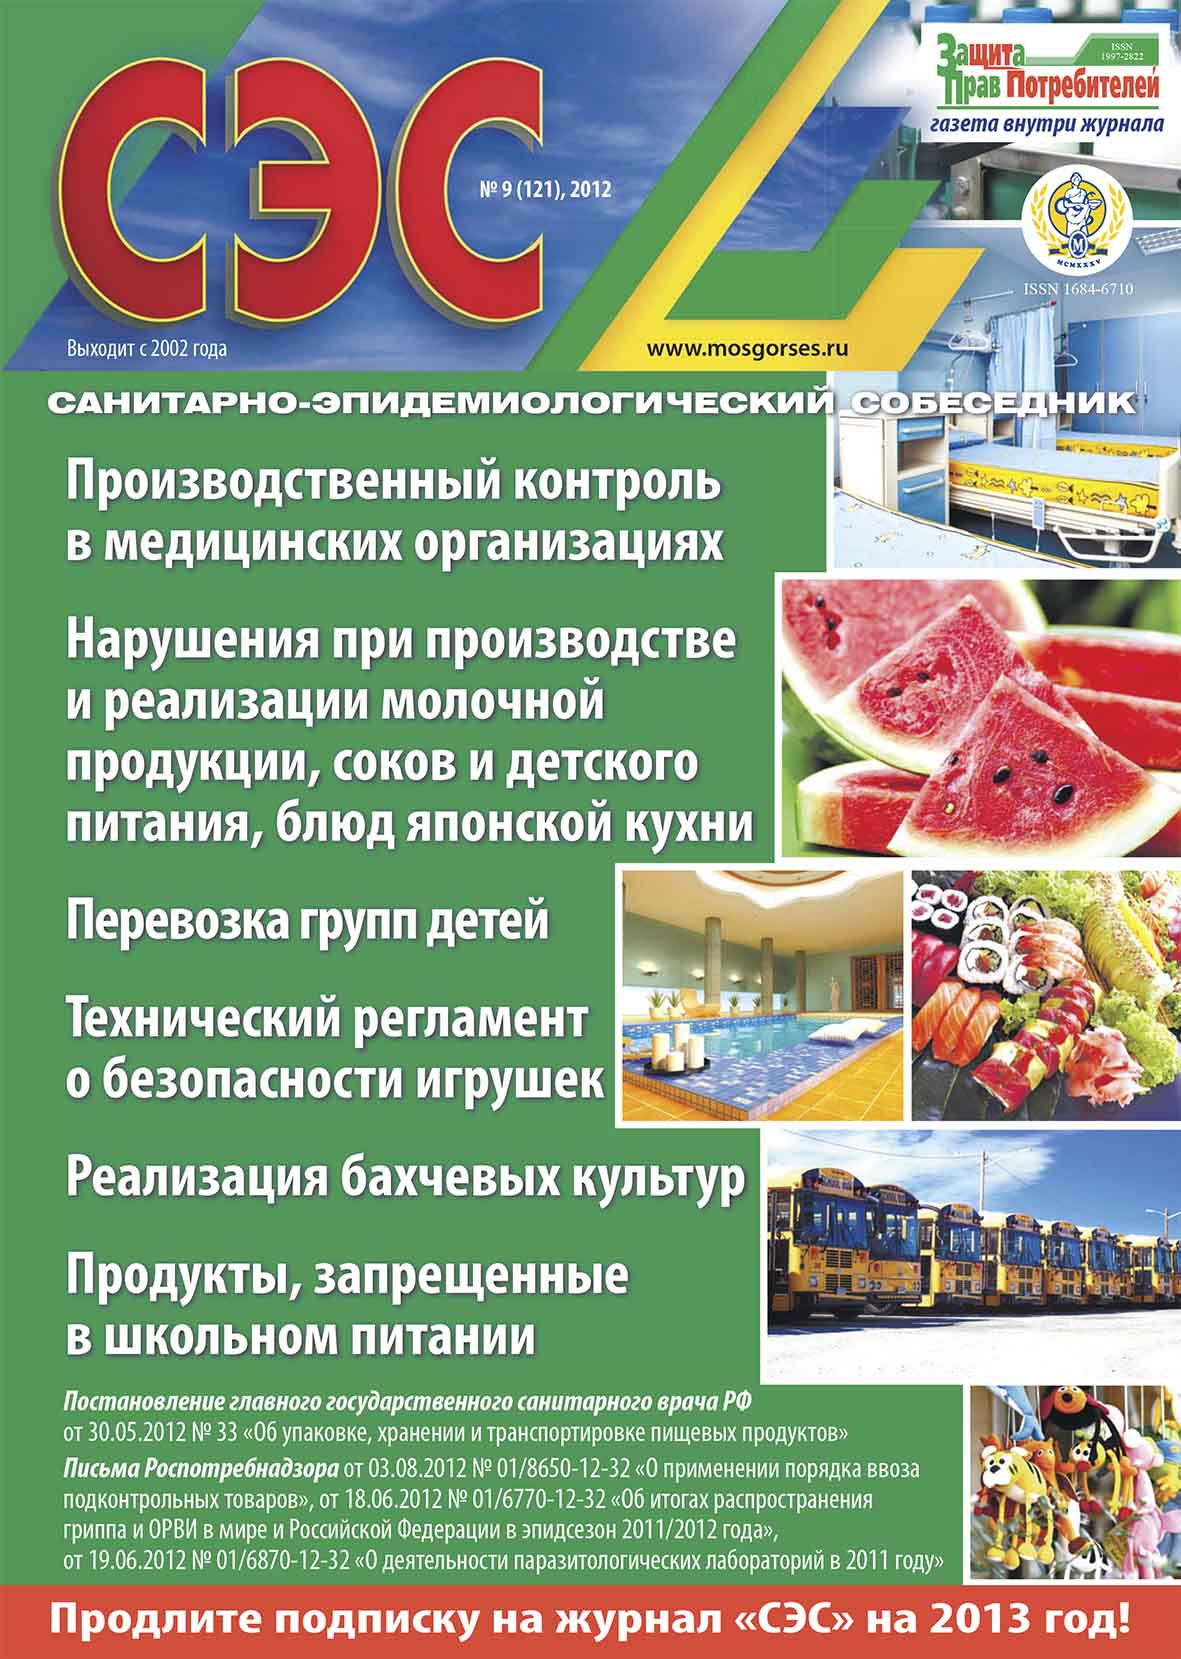 Журнал СЭС №9 2012 год